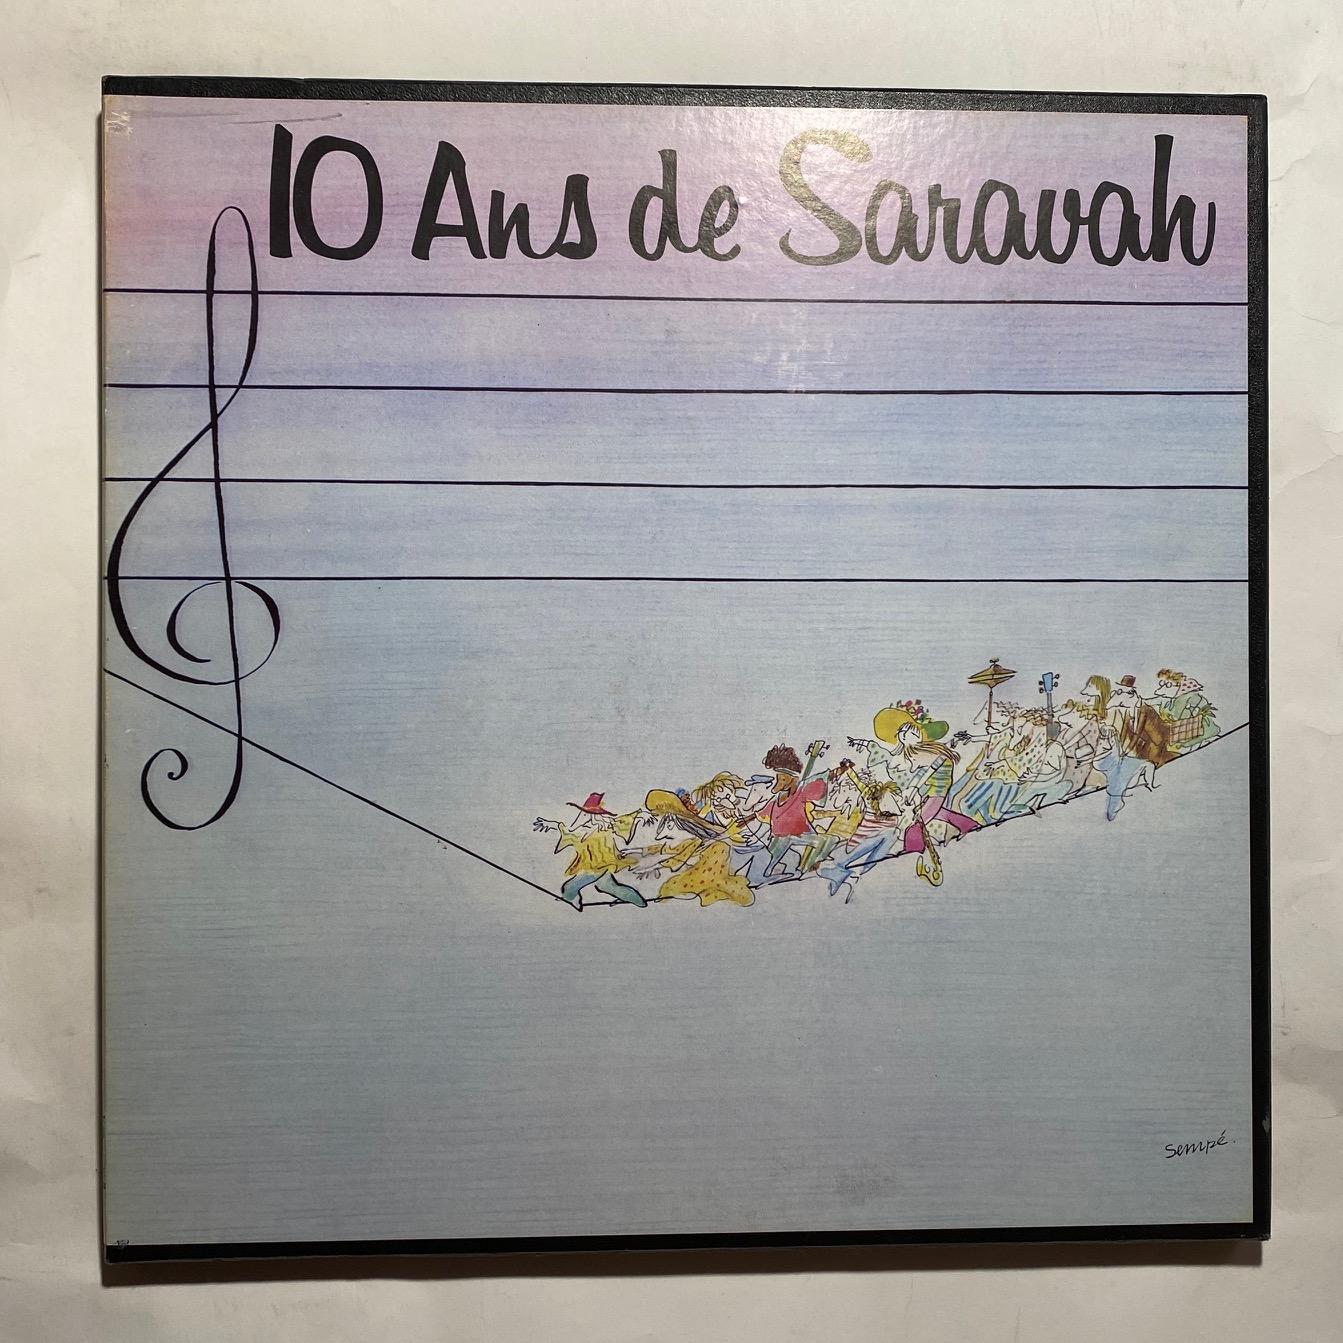 VARIOUS - 10 Ans De Saravah - Coffret 33T